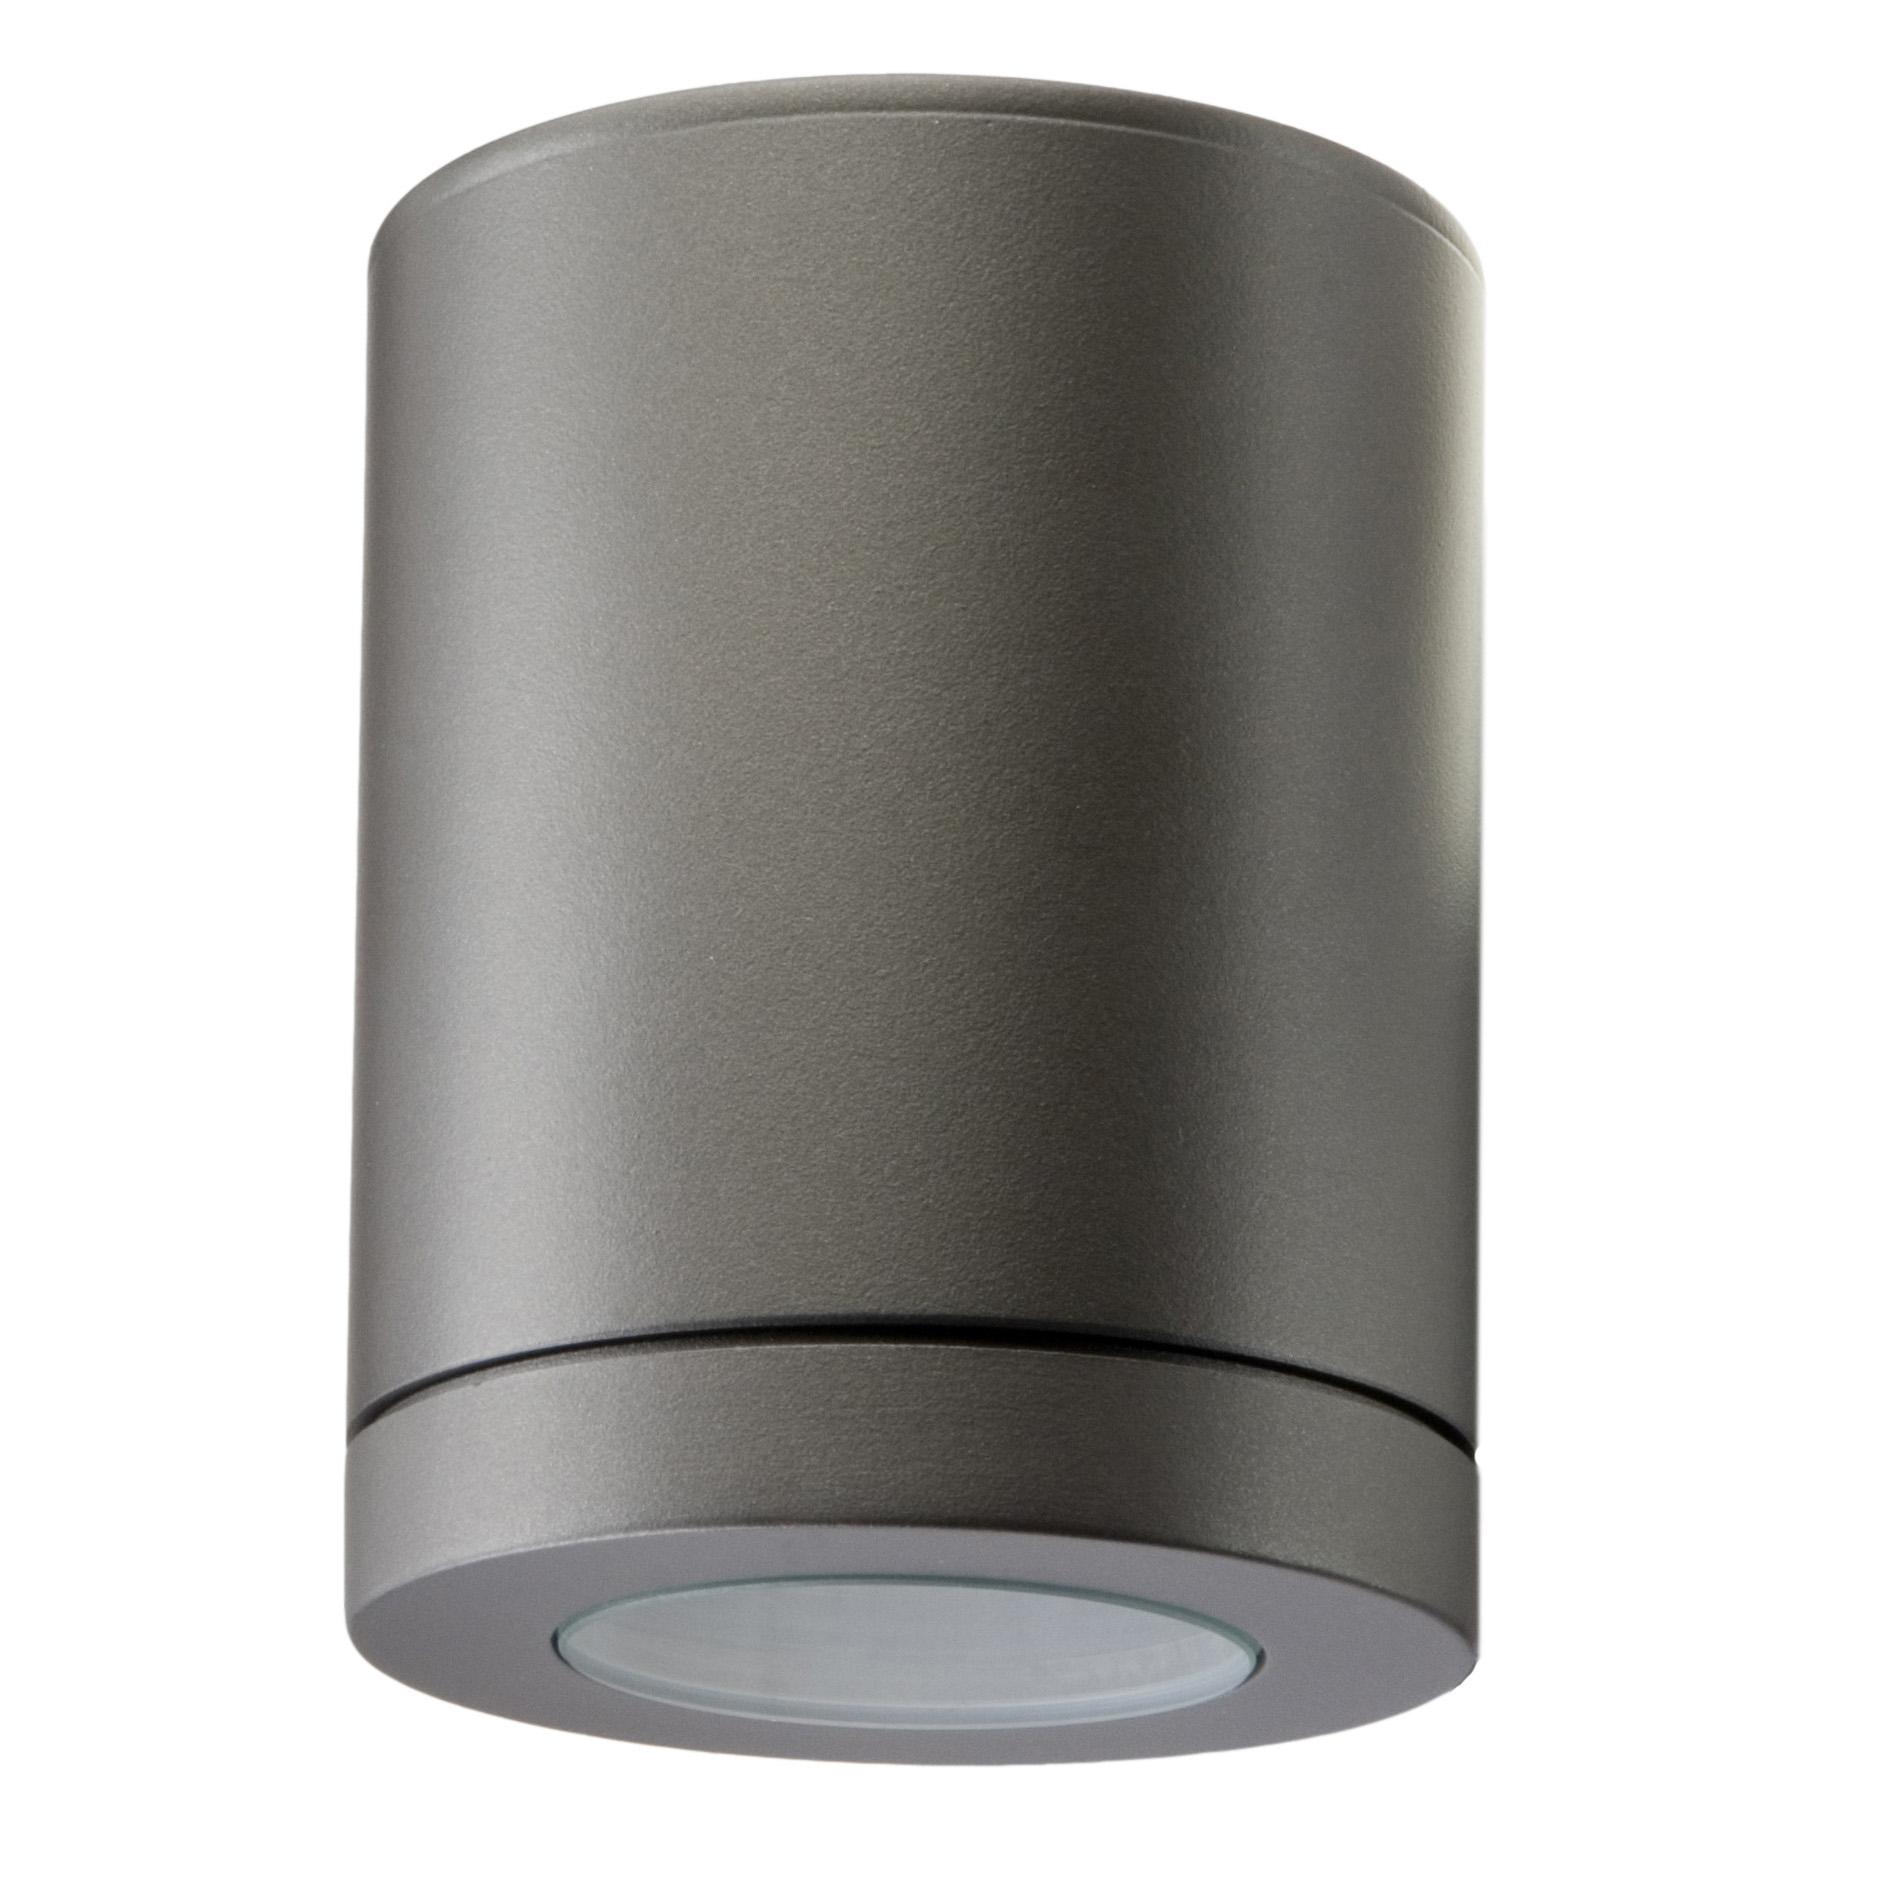 SG lighting LED Metro grafiet 633699